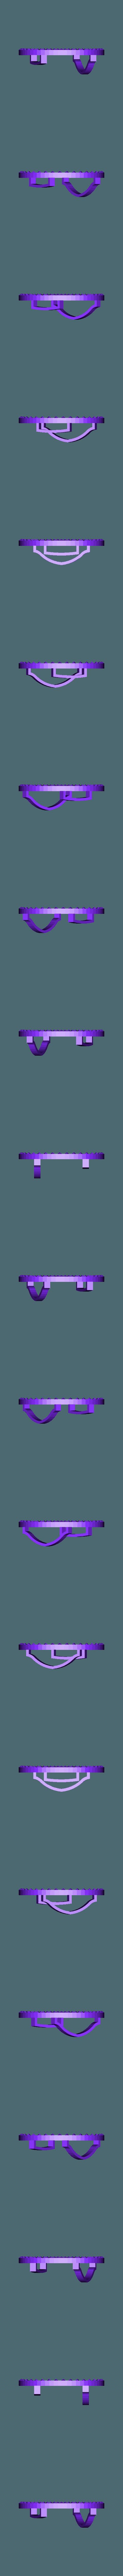 Ron_-_Brew_It_Shield_right_hand.stl Download free STL file BREW IT PRINT IT BUILD IT BLAST IT CUSTOM SHIELD • 3D print object, A_SKEWED_VIEW_3D